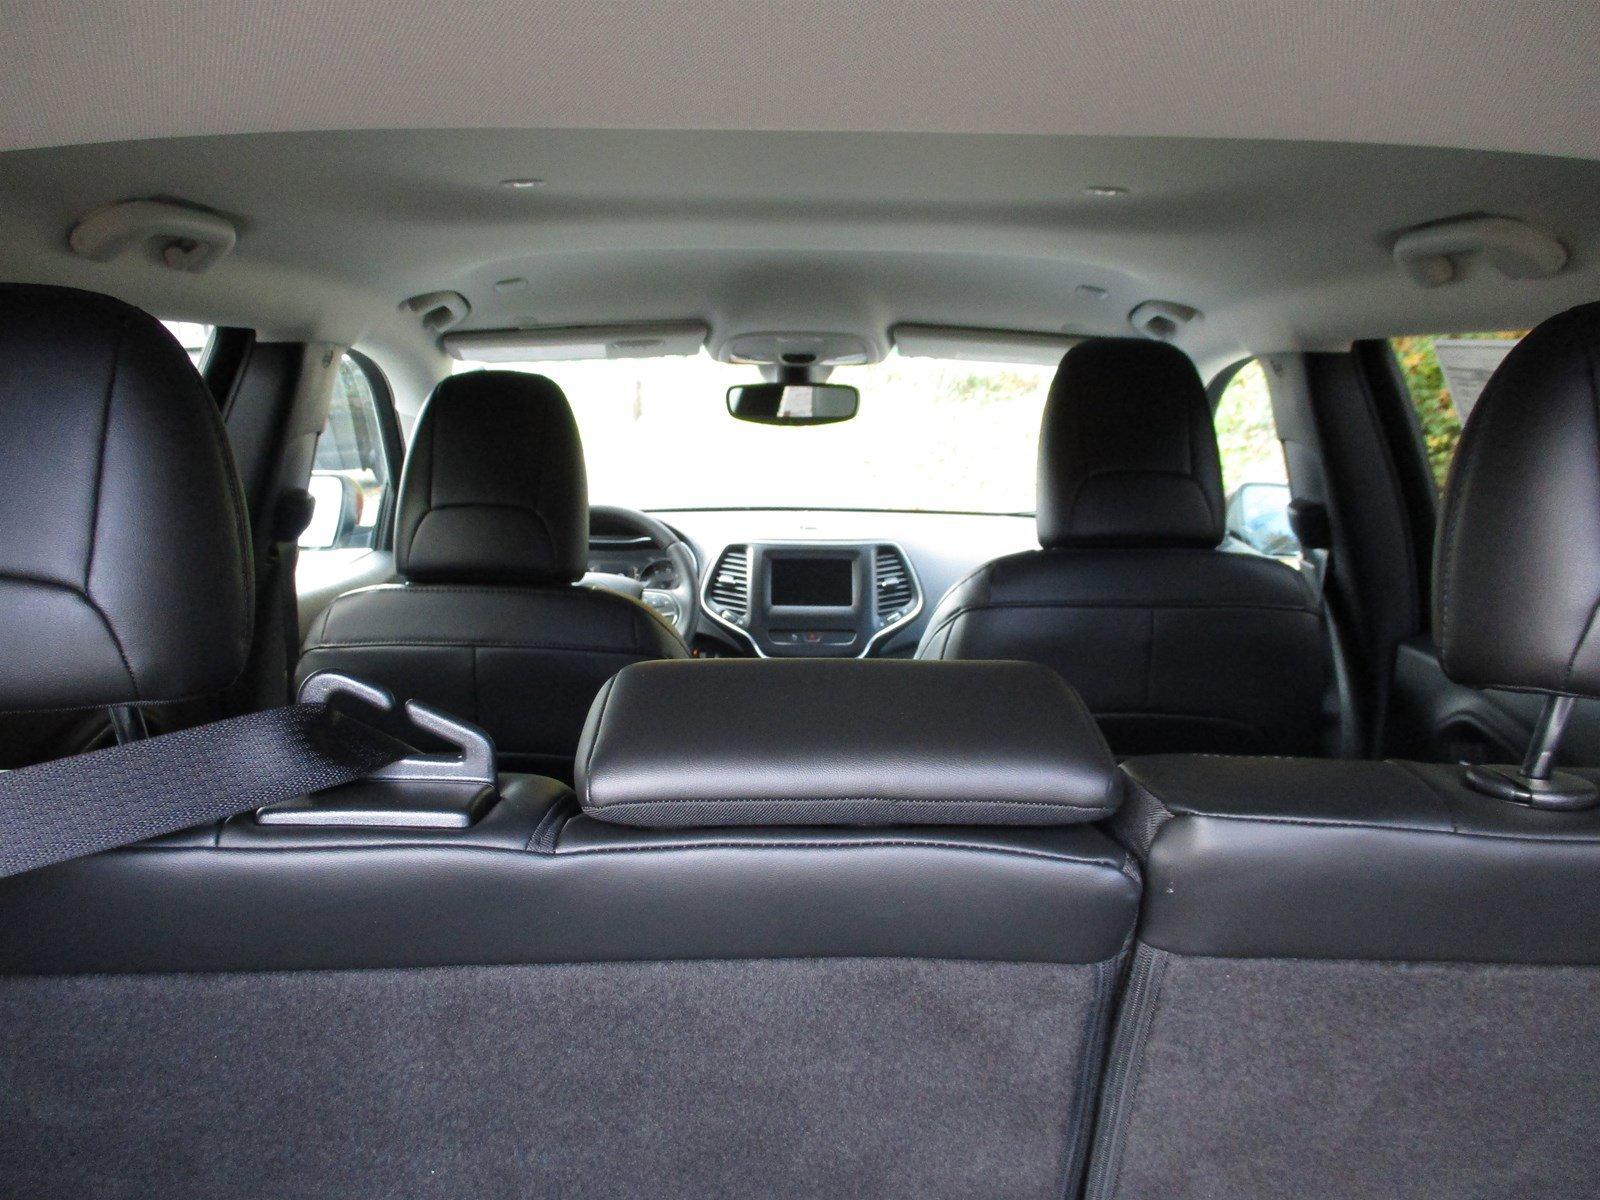 New 2020 Jeep Cherokee Latitude Plus 4x4